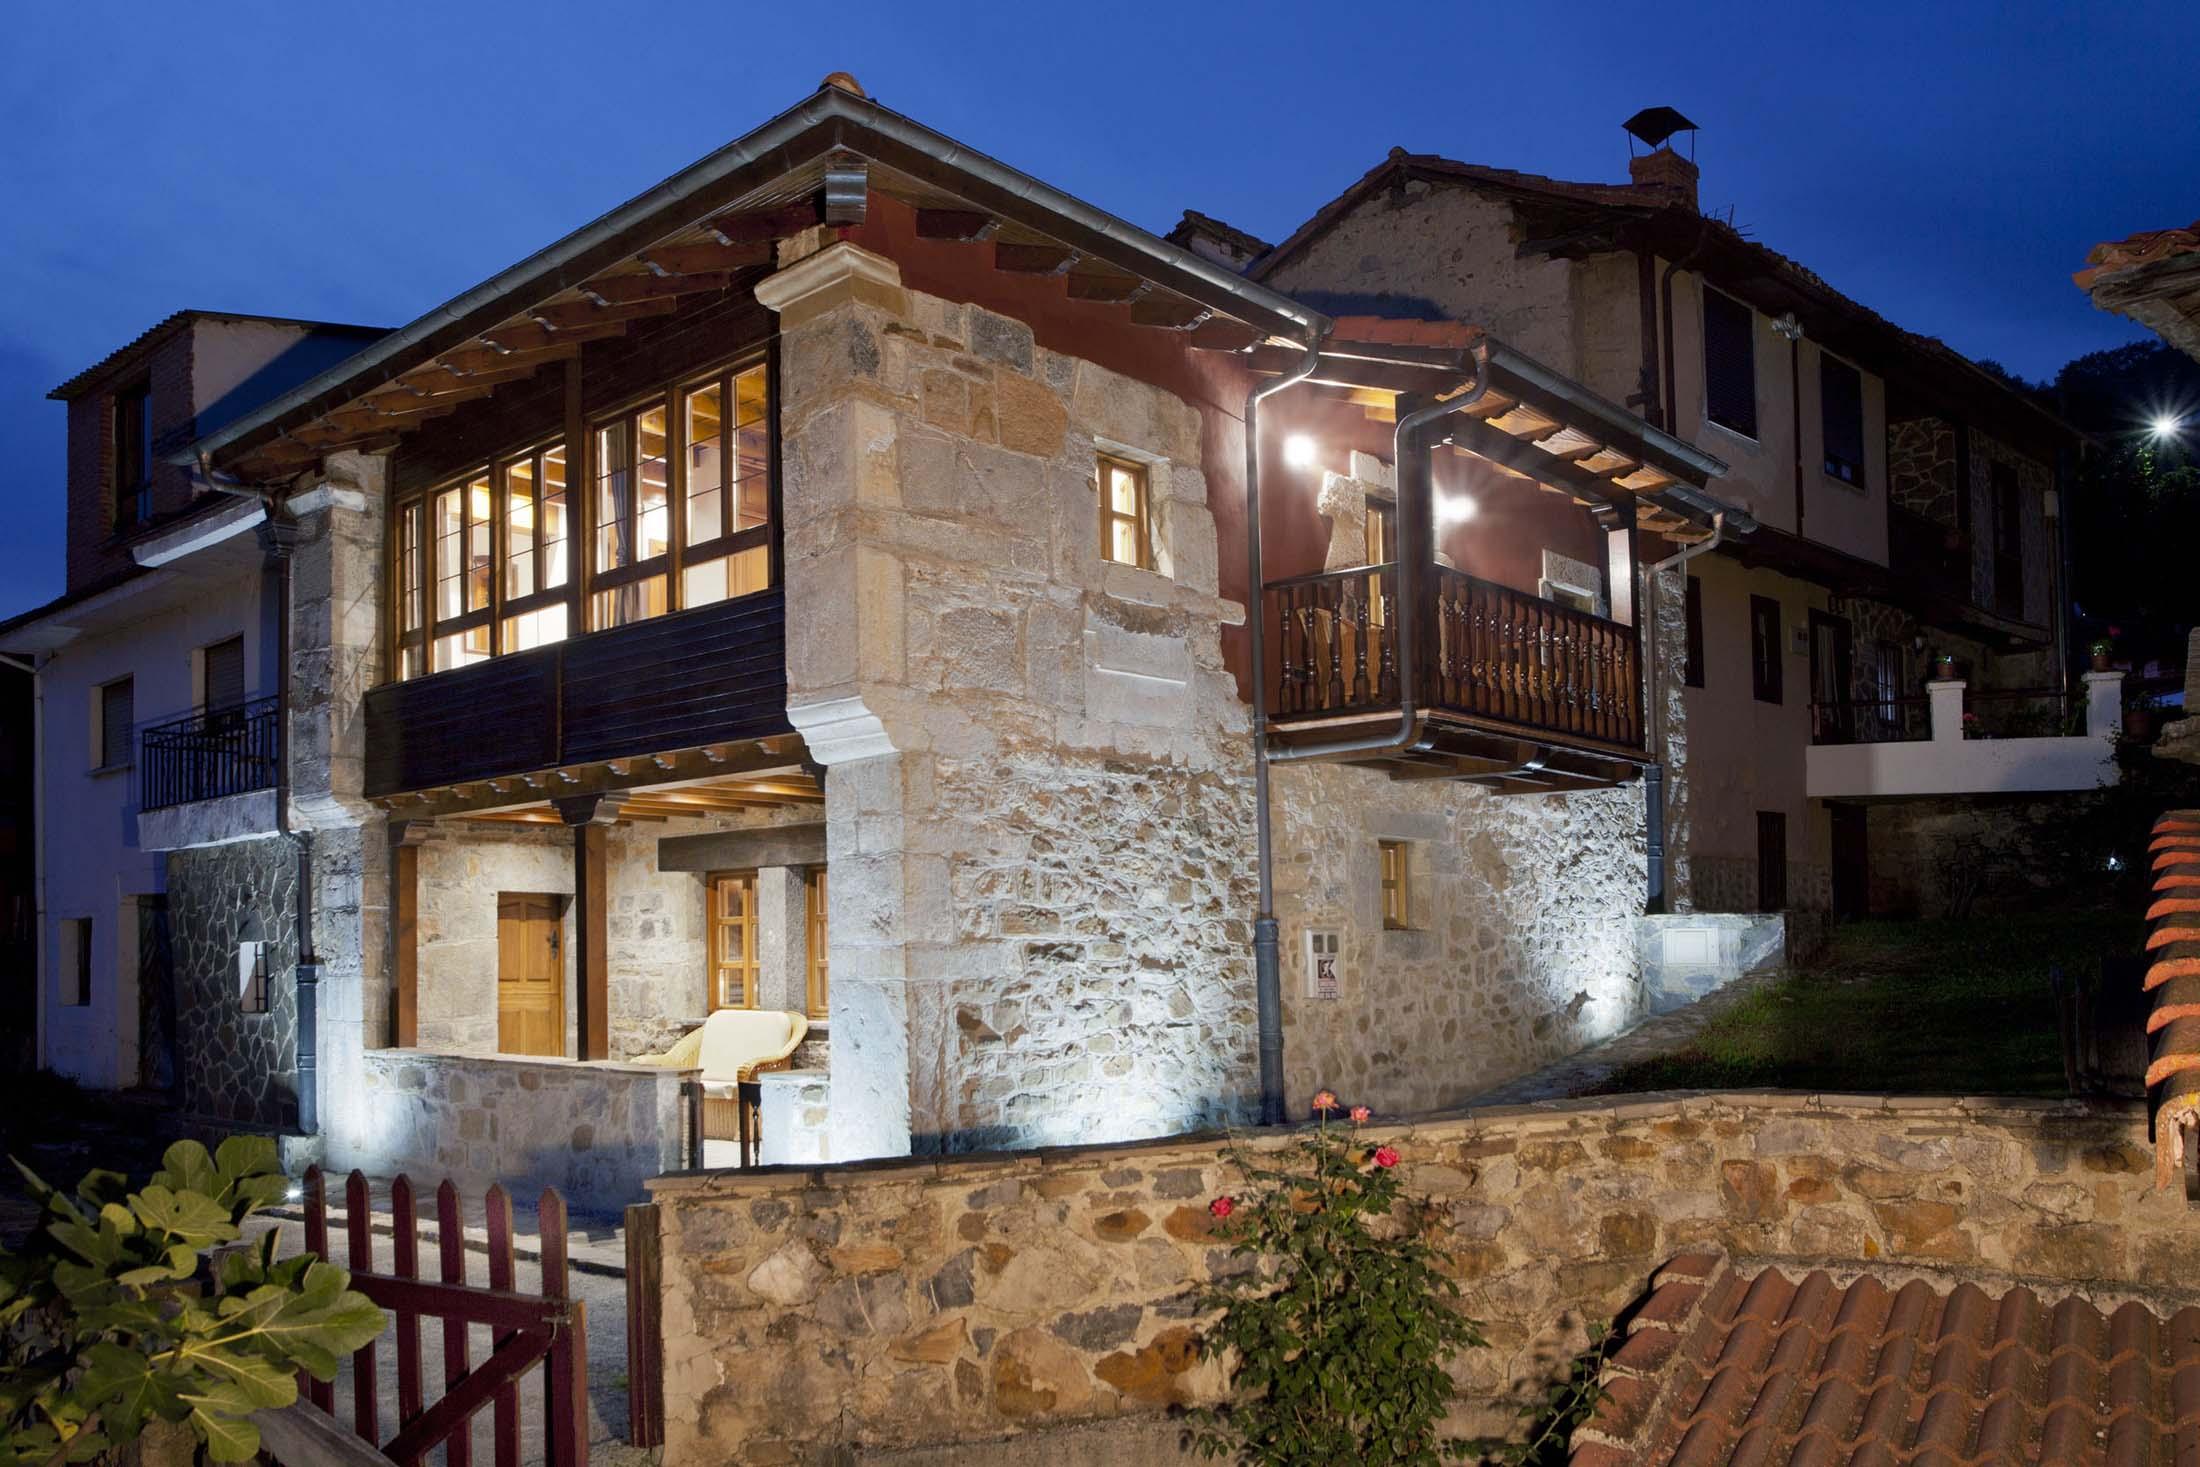 Vista nocturna La casona de Riomera. Casa de Aldea en Aller, Asturias.